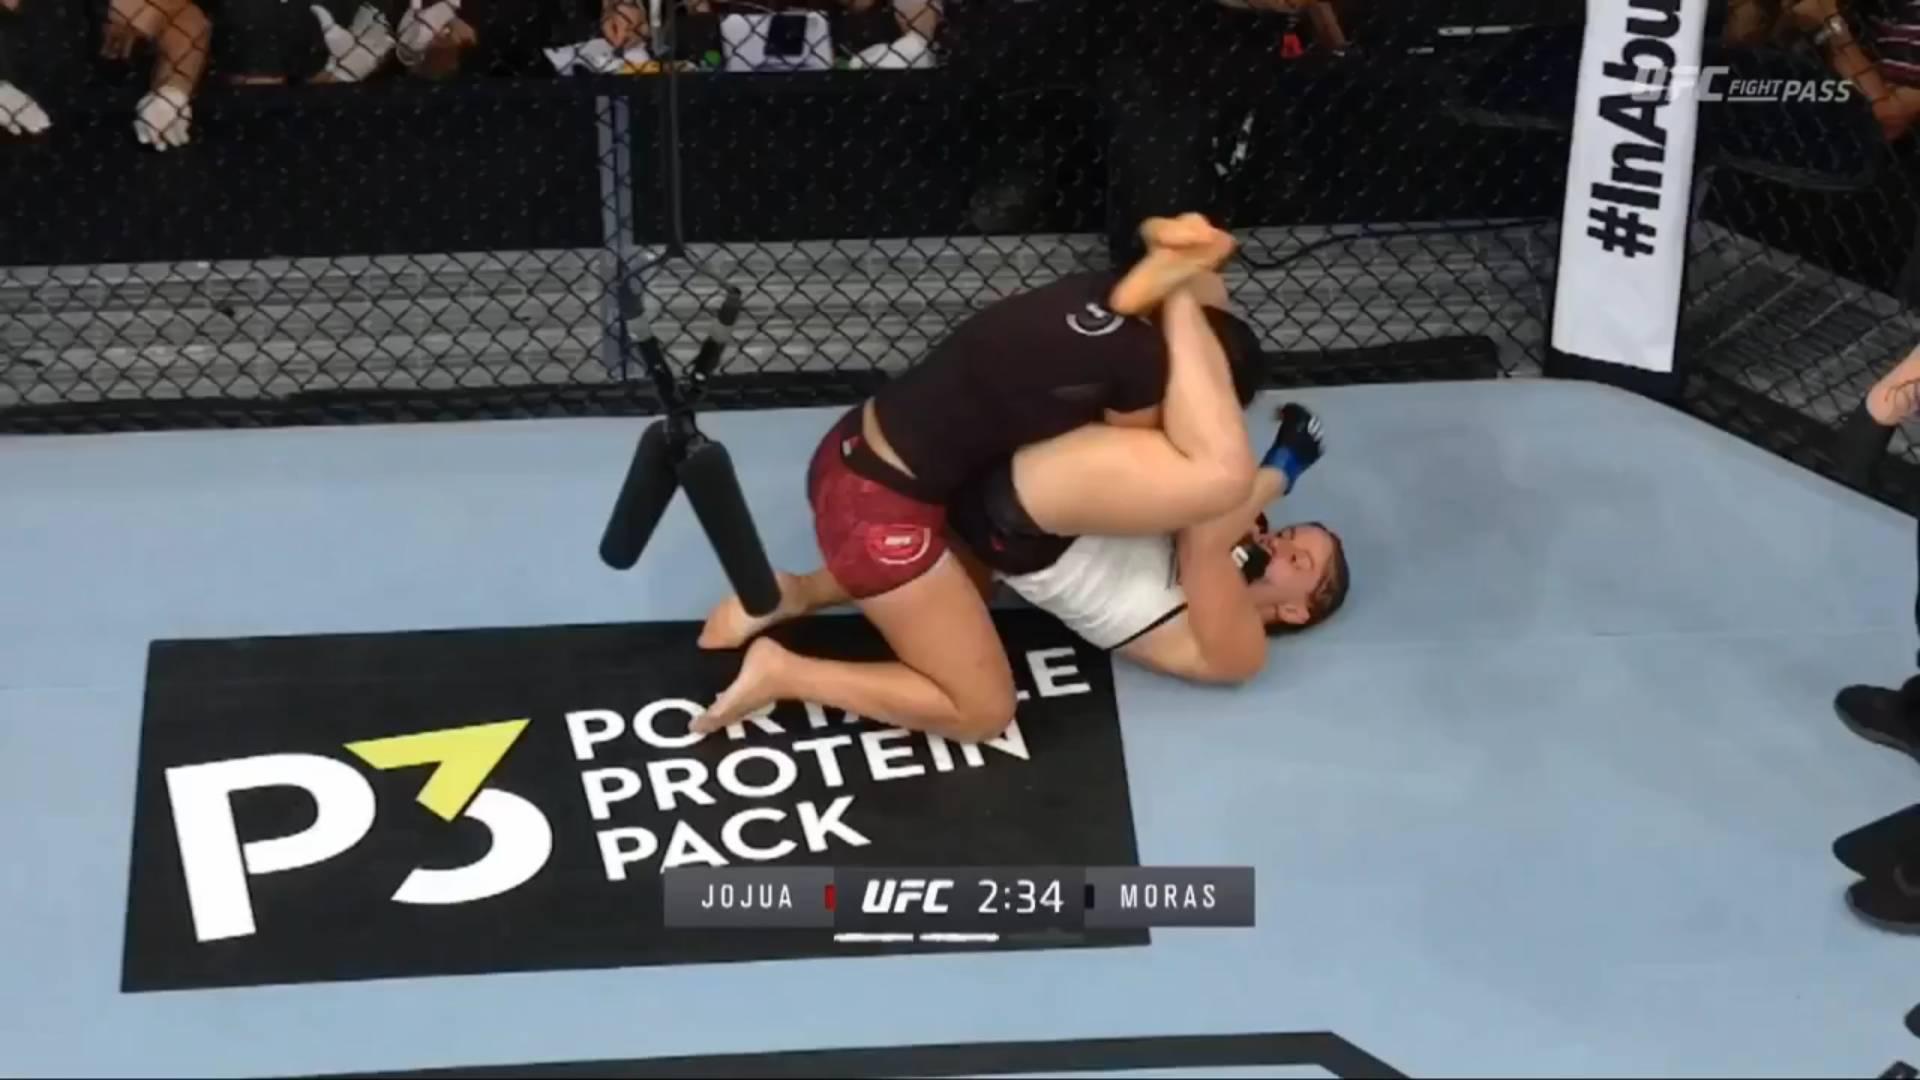 Джоджуа - Морас. Борьба и удары в партере во 2-м раунде